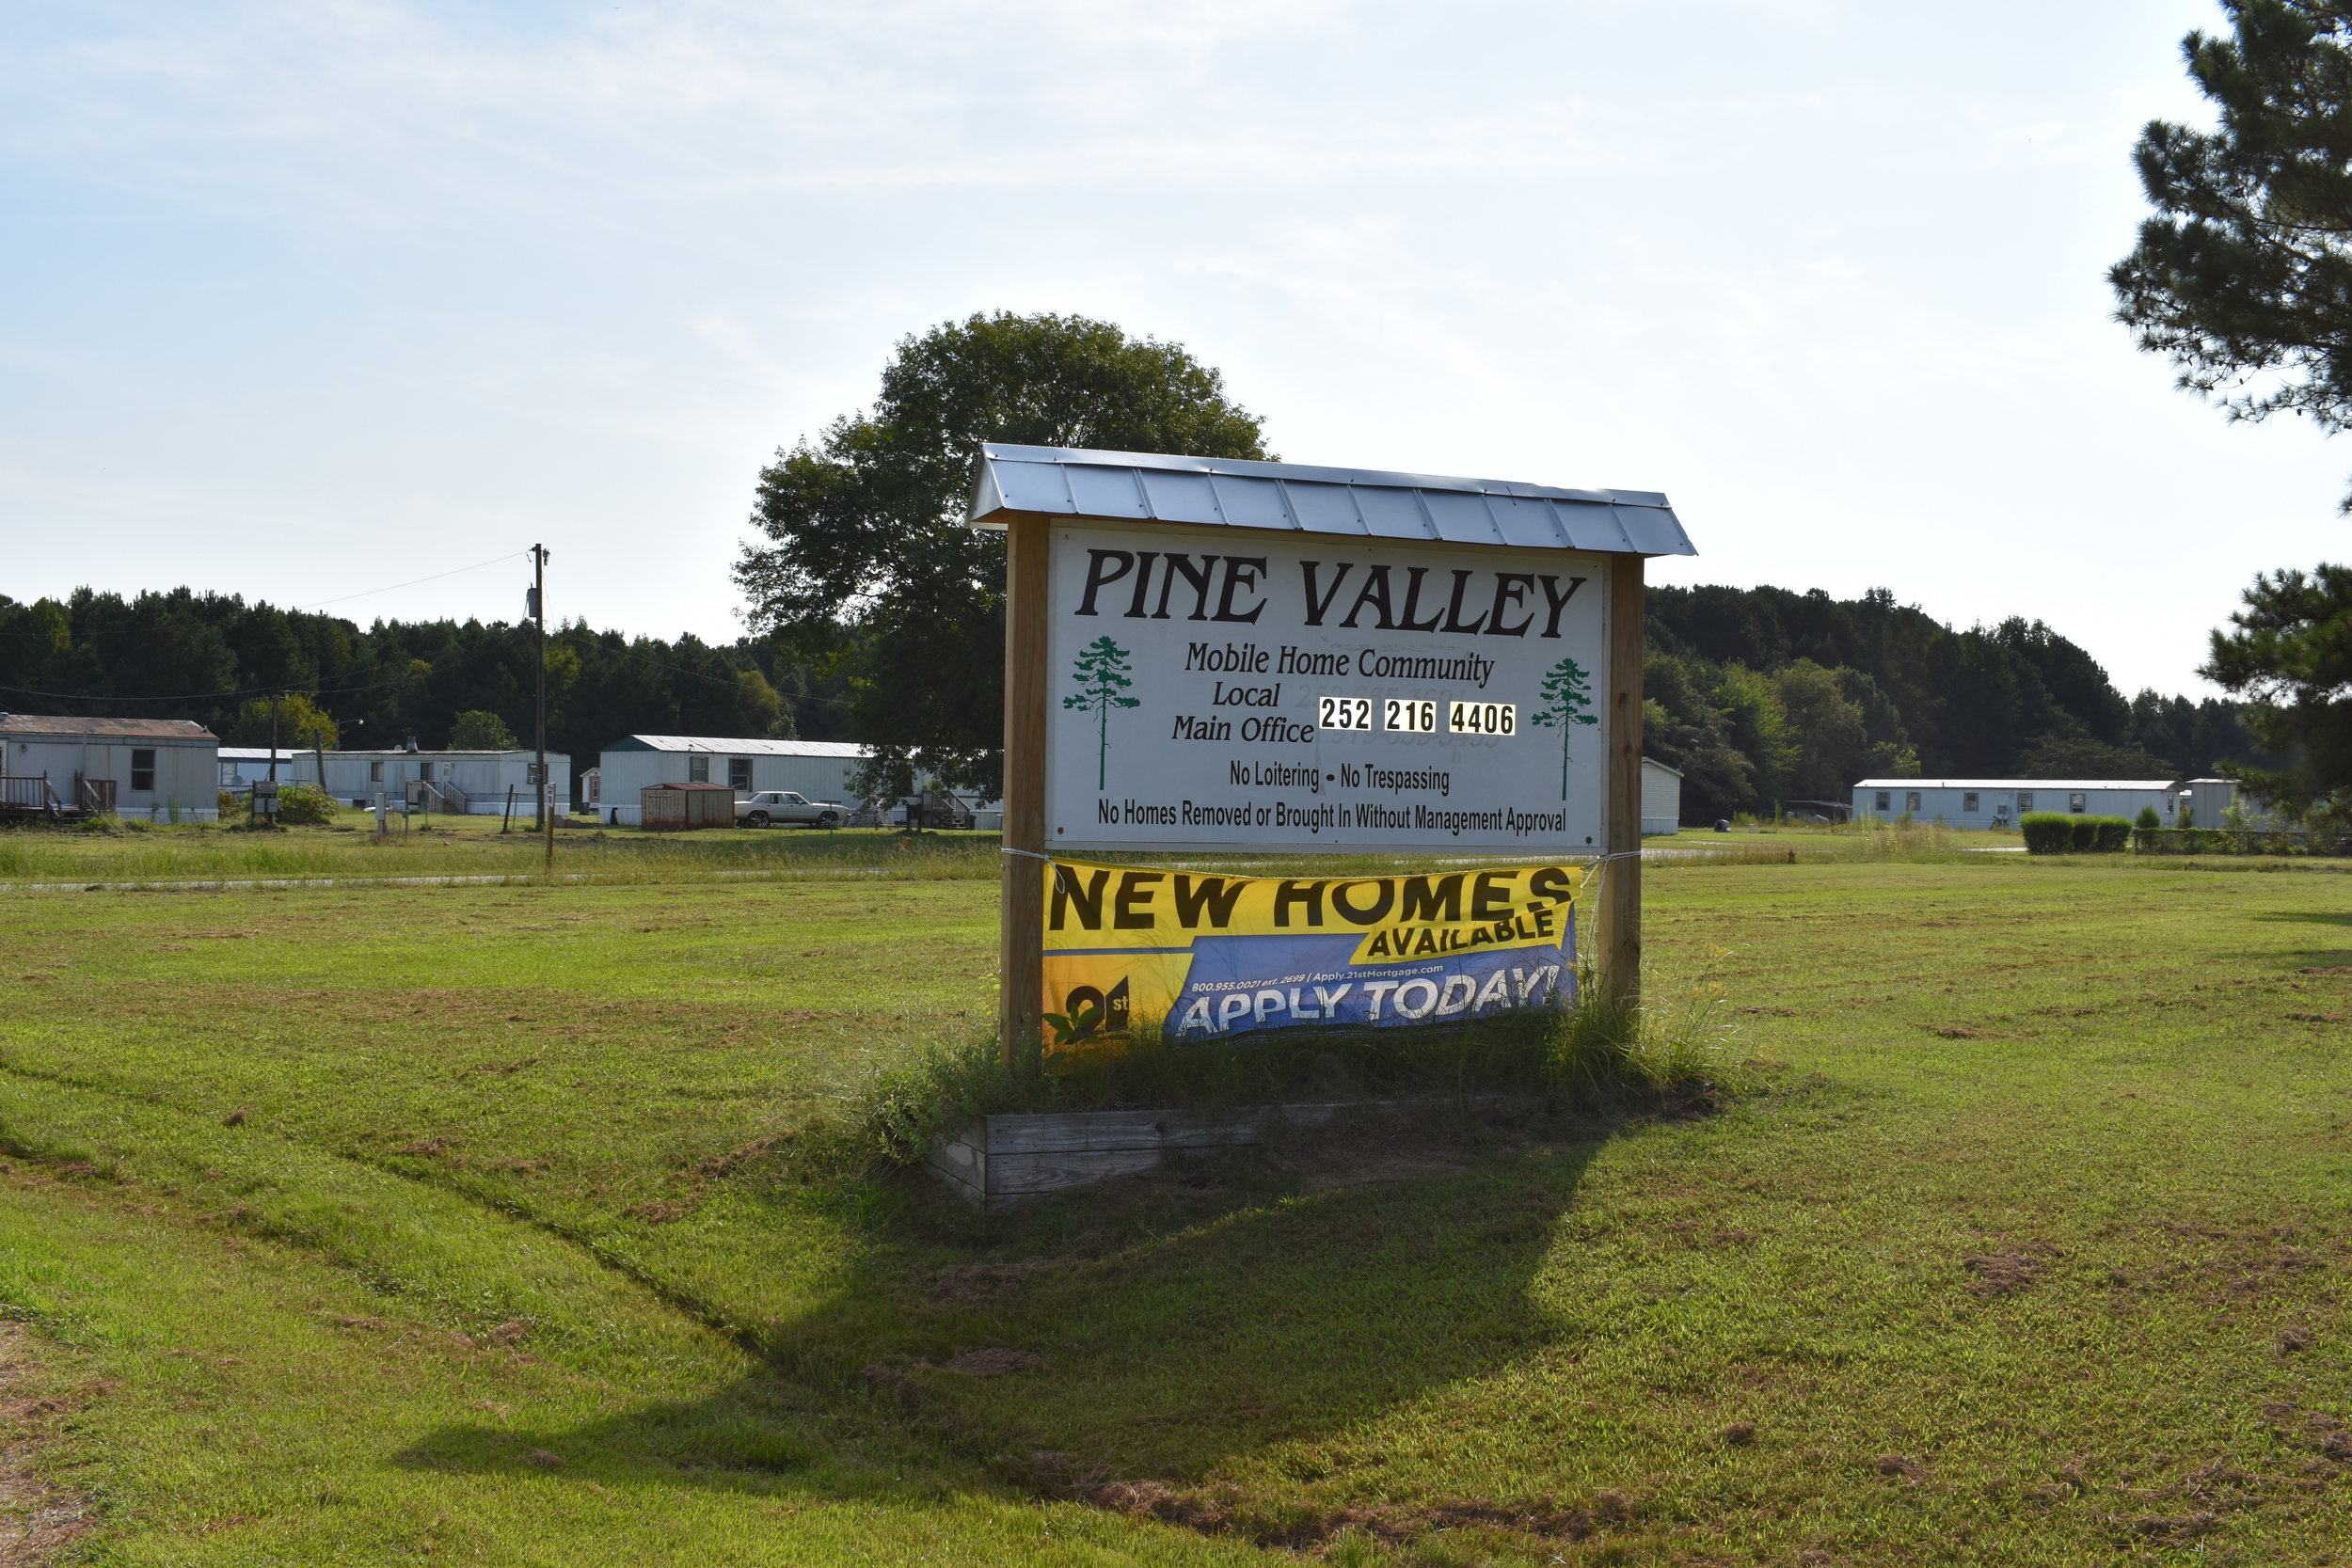 2018-9-4 - Pine Valley - General Park (1).JPG